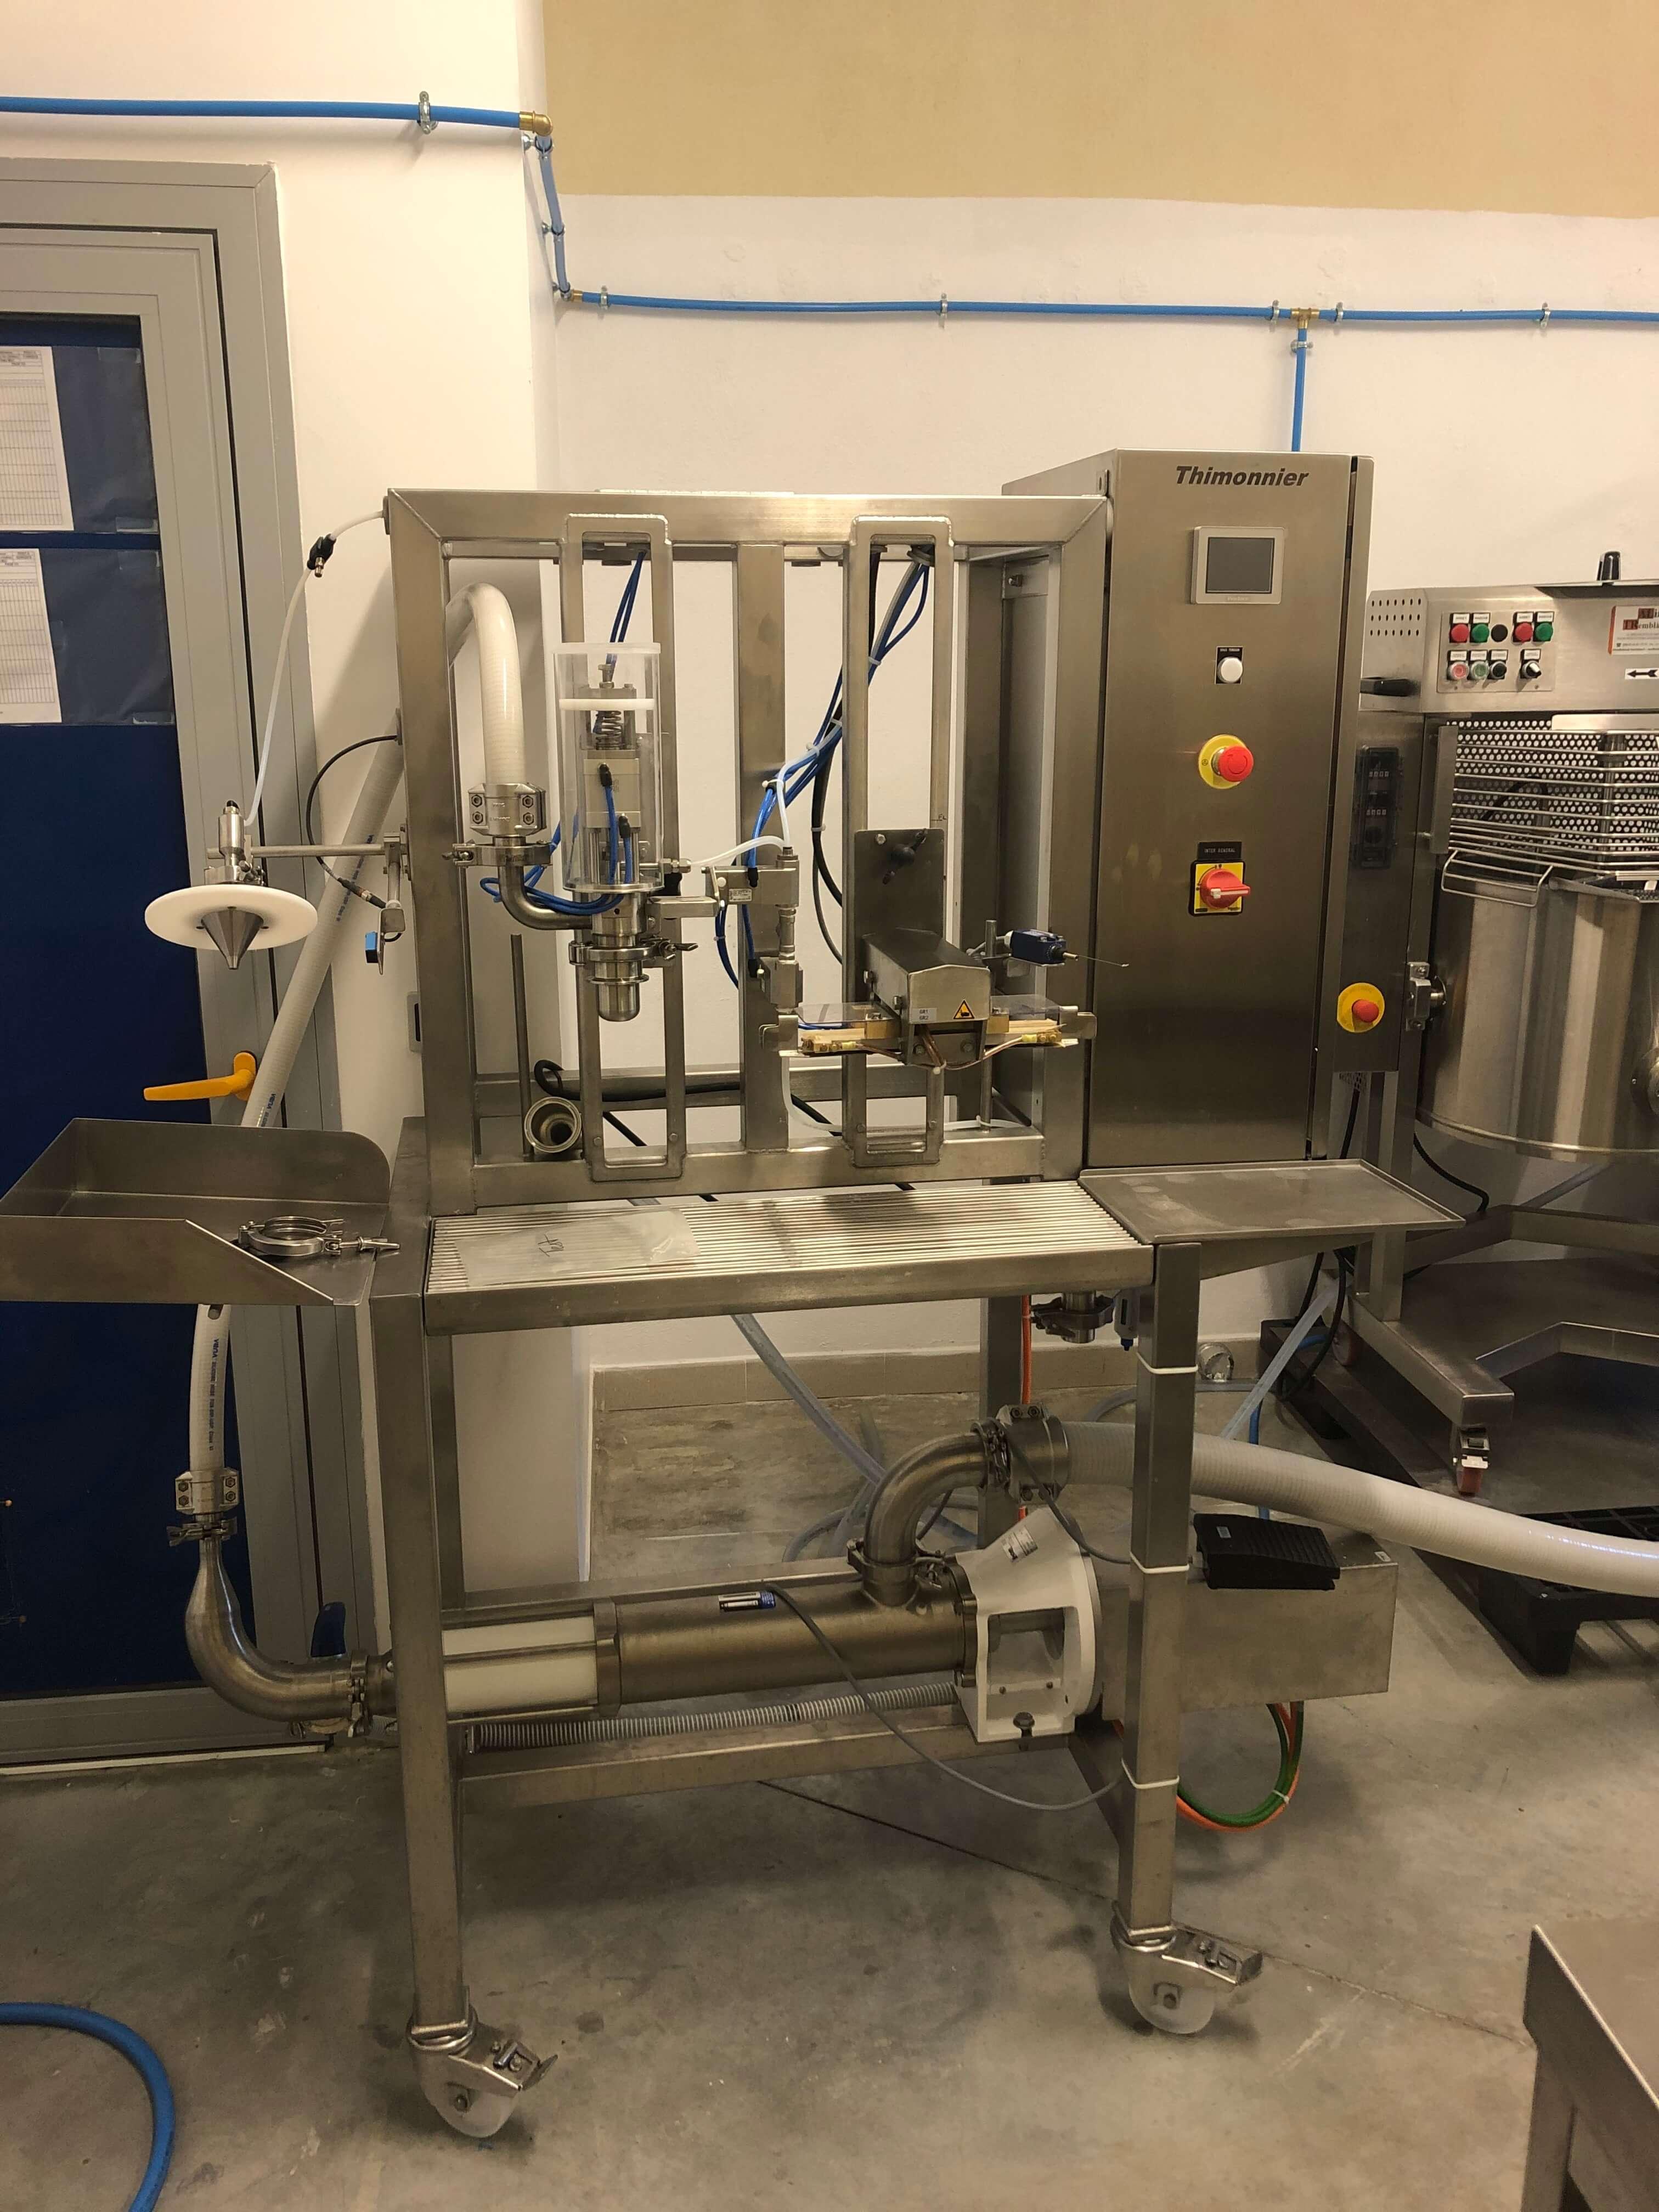 Thimonnier - Bagging machine Doypack D3D